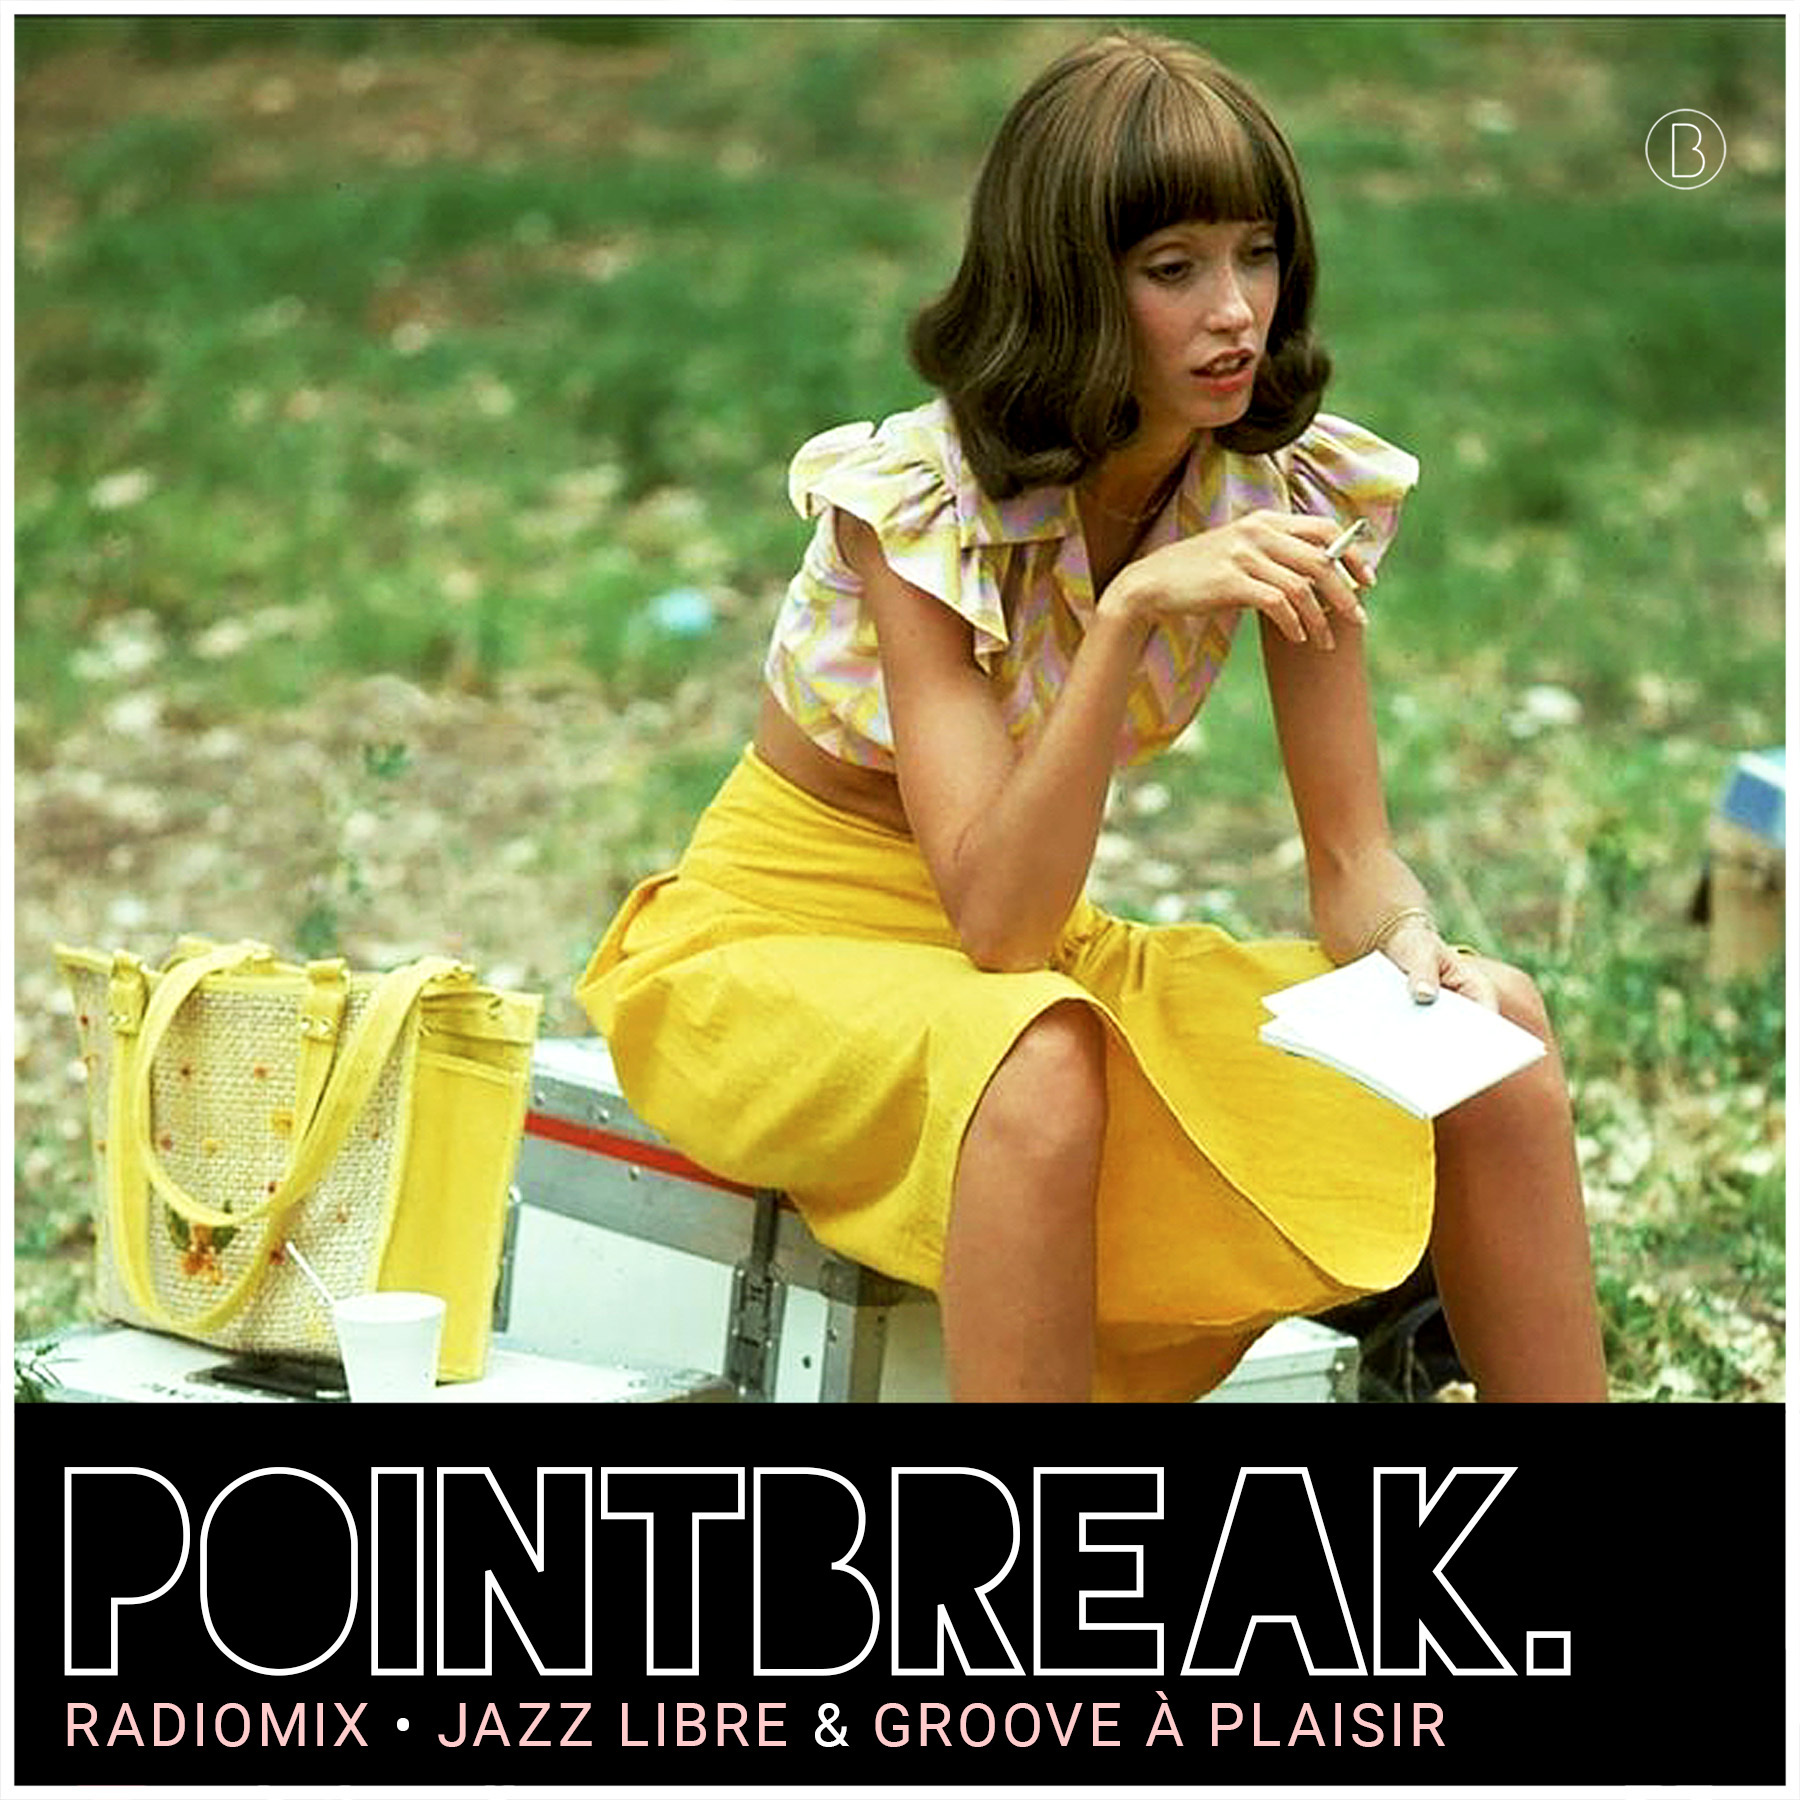 PointBreak saison 4 épisode 15